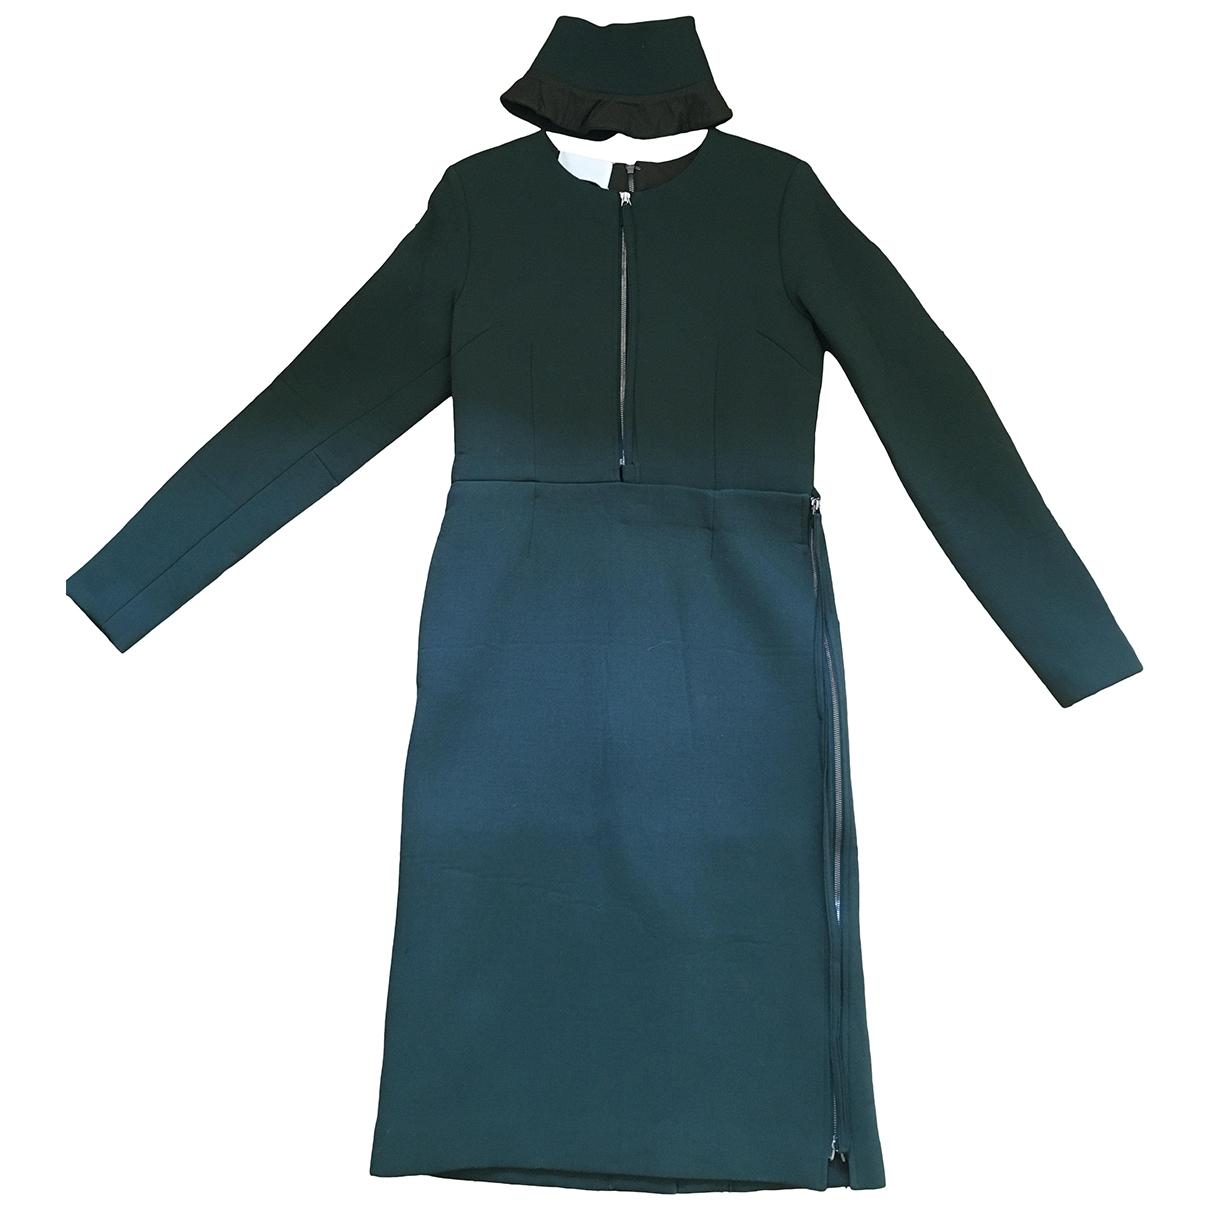 Maison Martin Margiela \N Green Wool dress for Women 40 IT